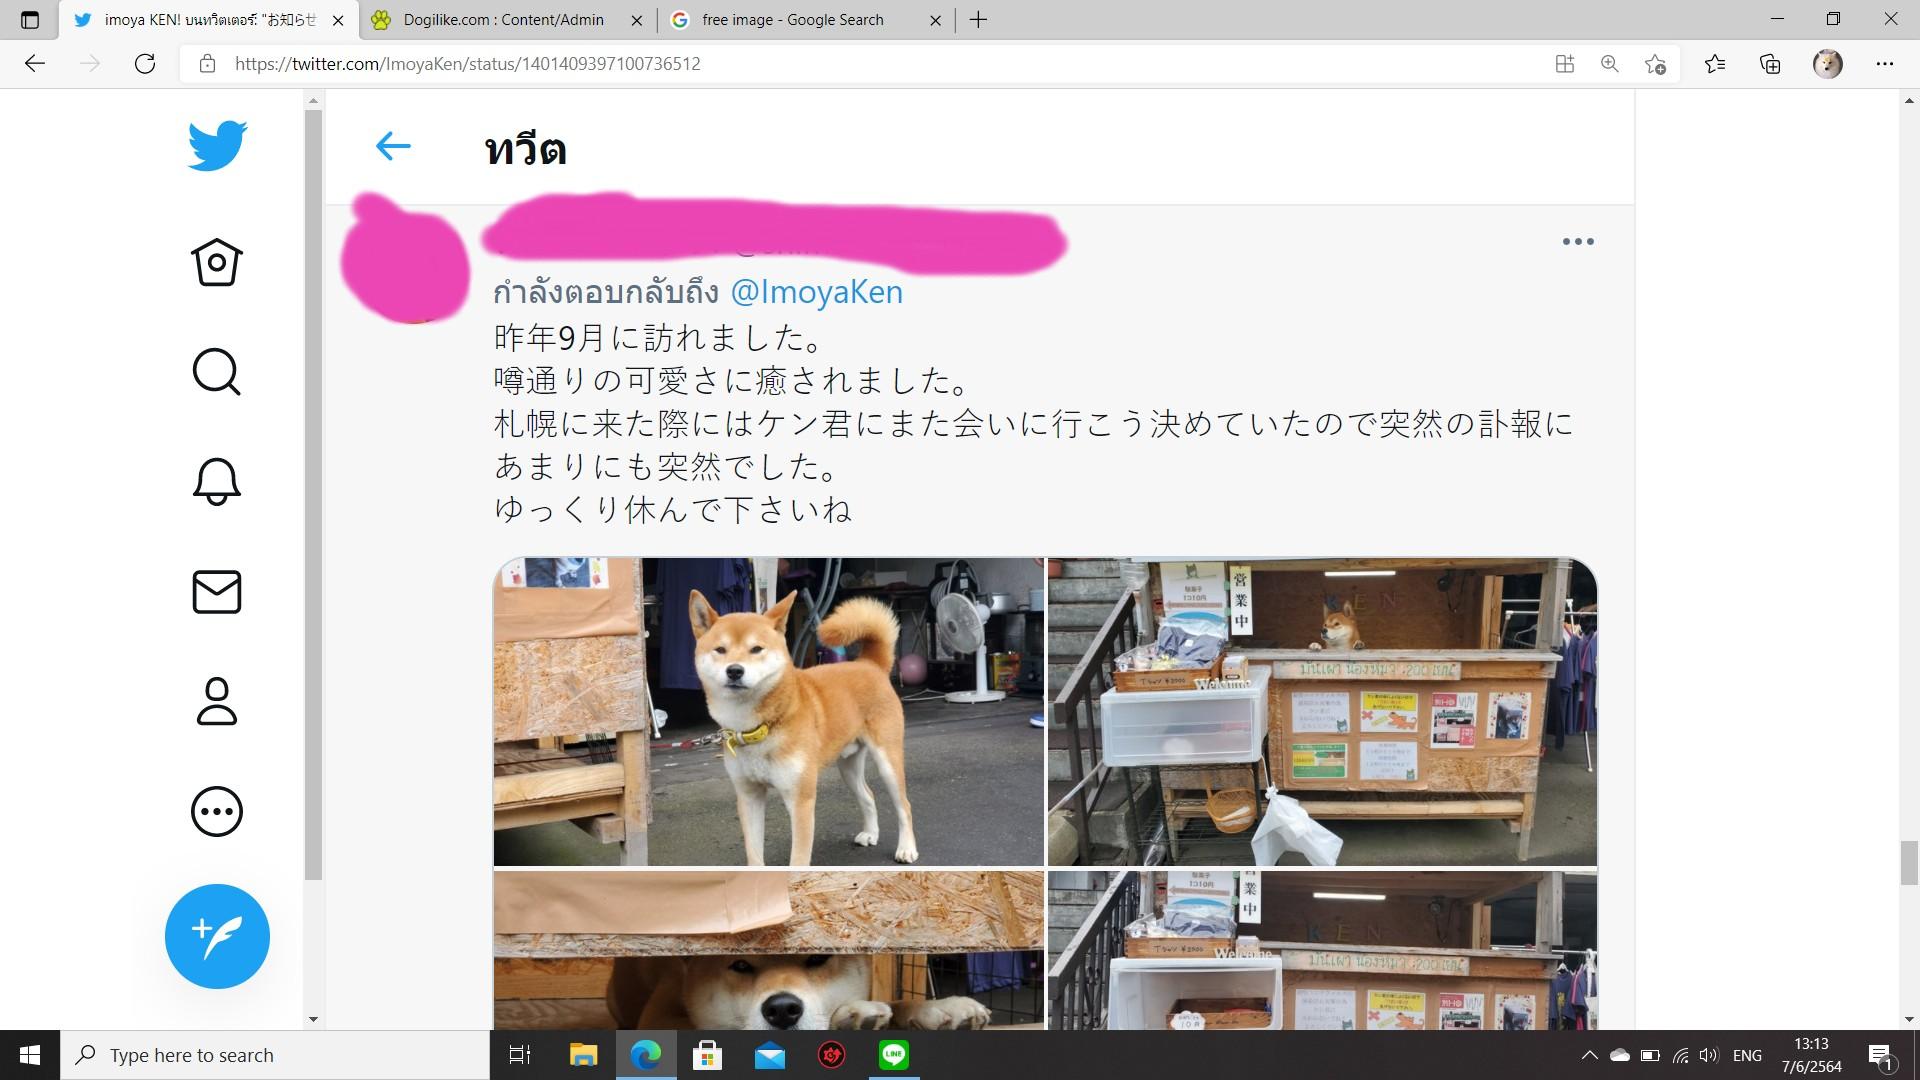 Dogilike.com :: �ش����� ह�ا ��ͧ��ҪԺТ���ѹ�Ҫ��ʹѧ���ª��Ե